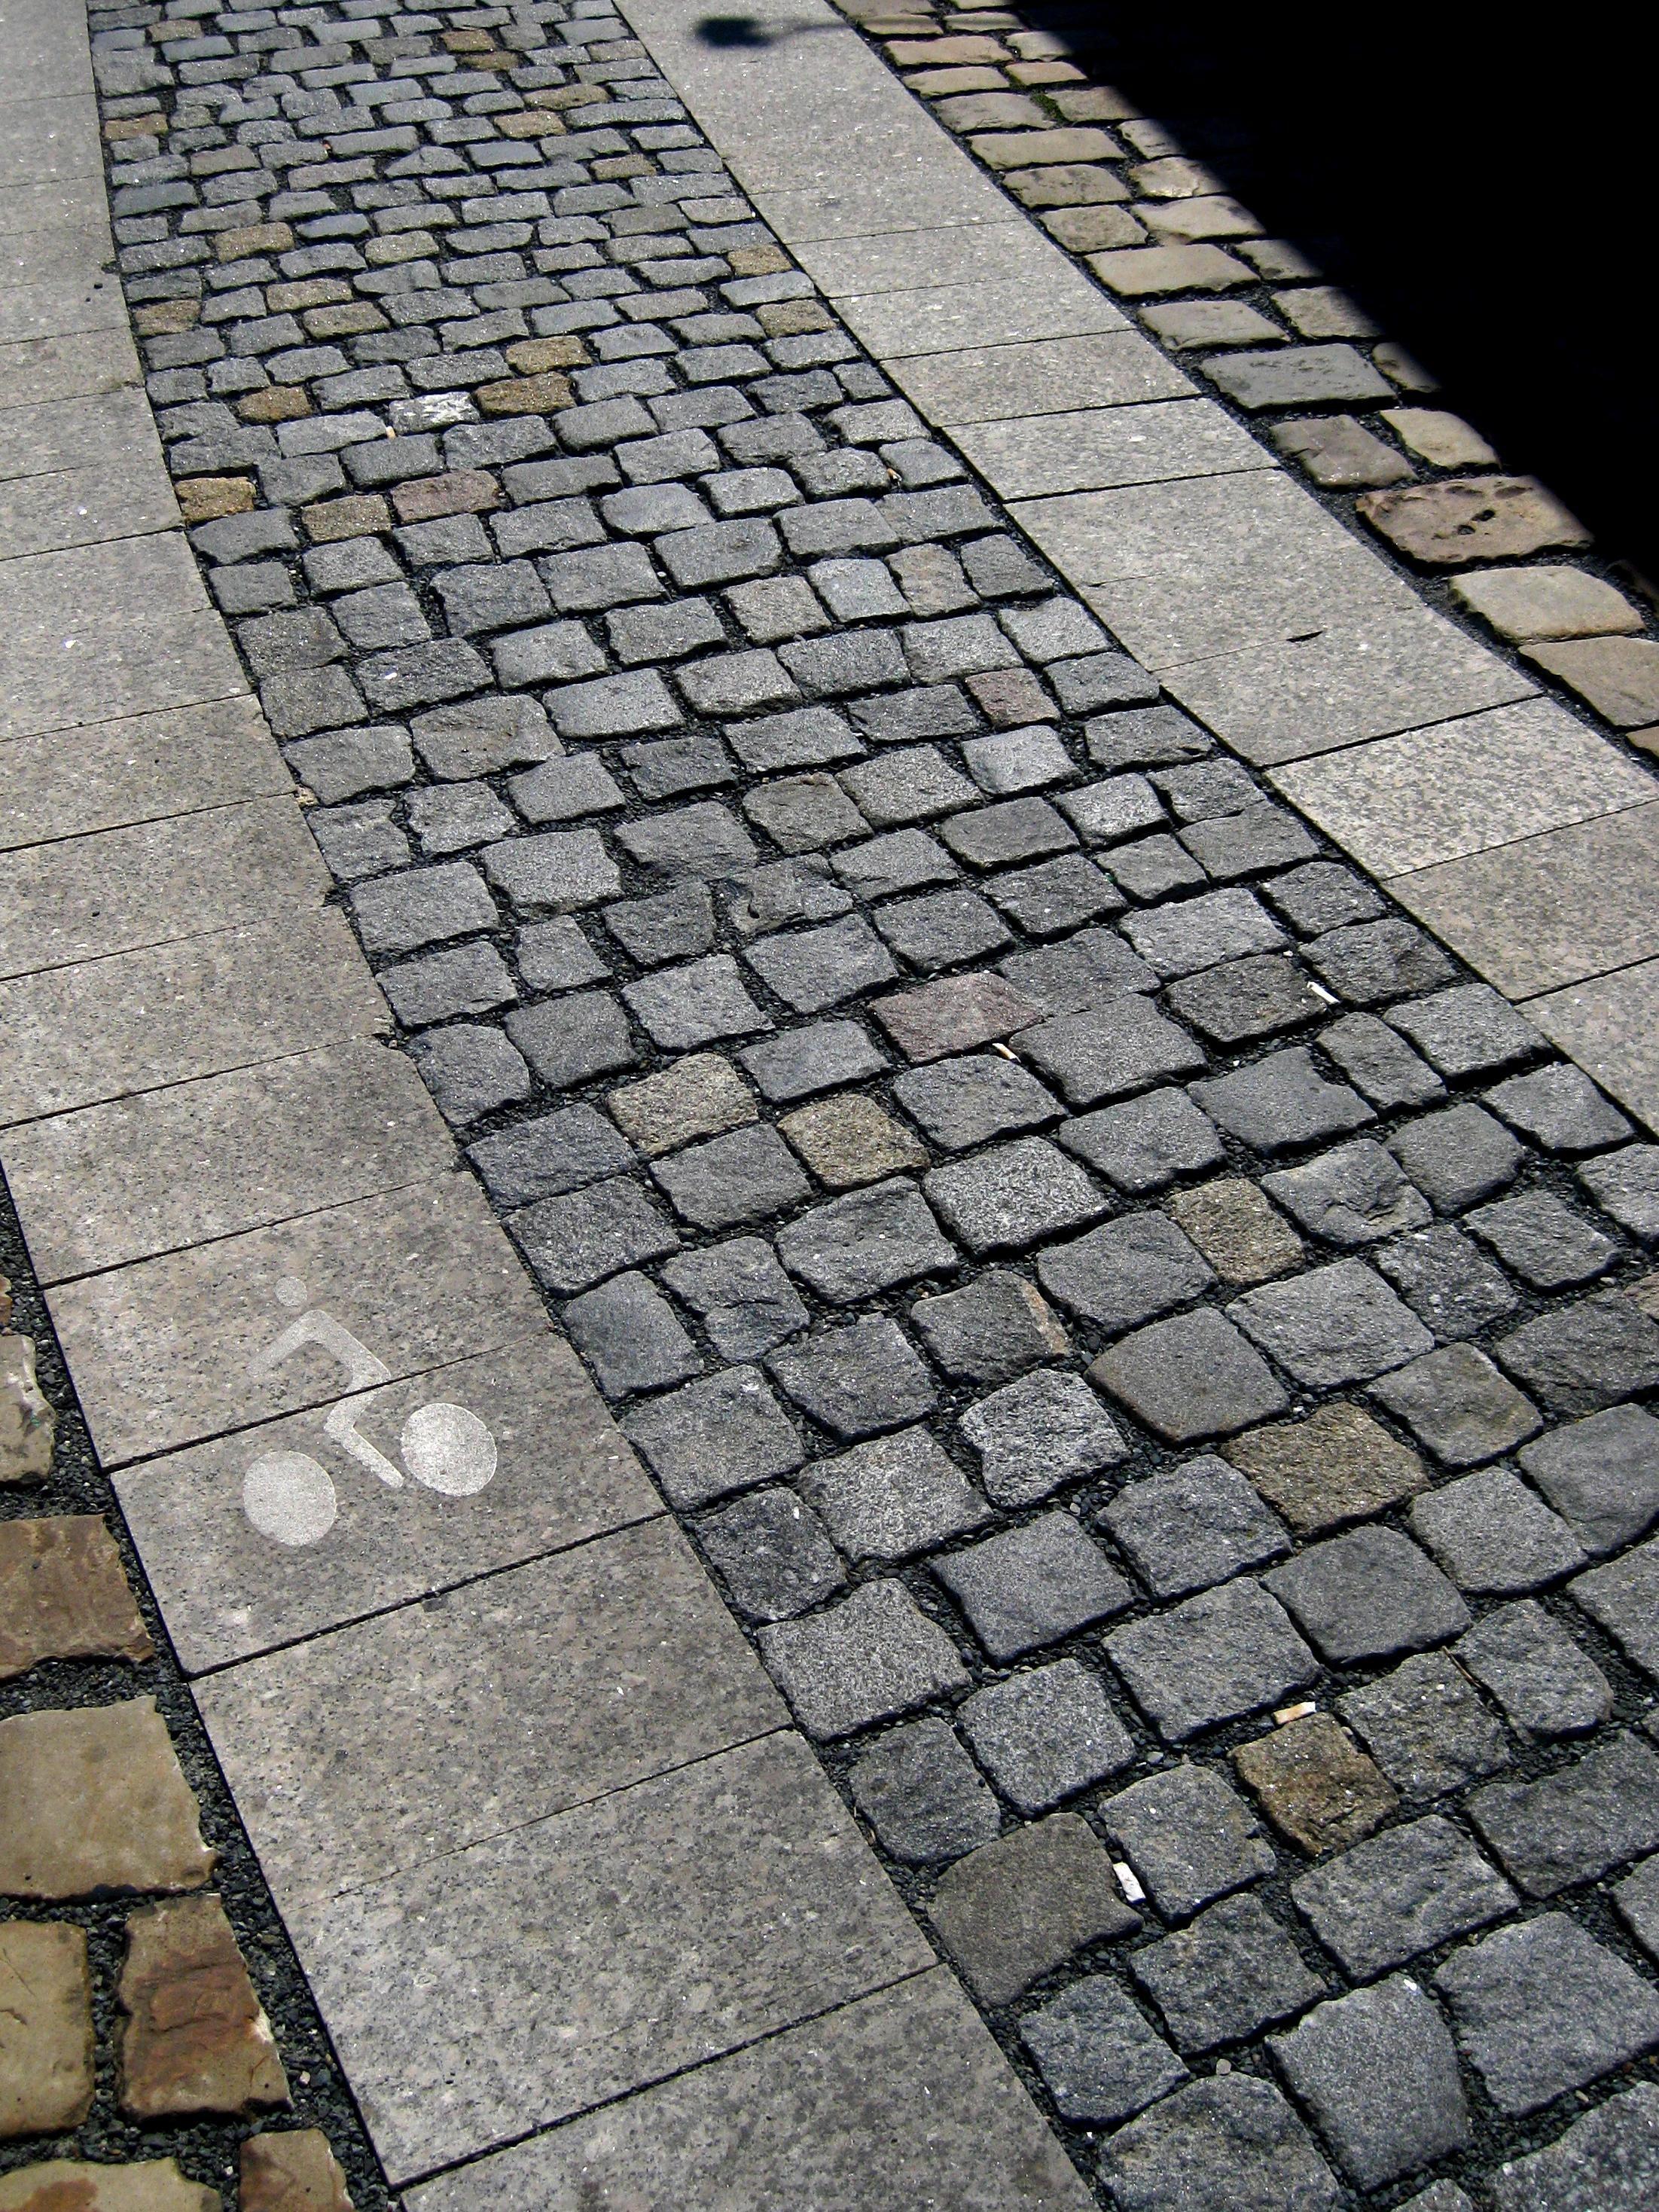 Stone pavement photo